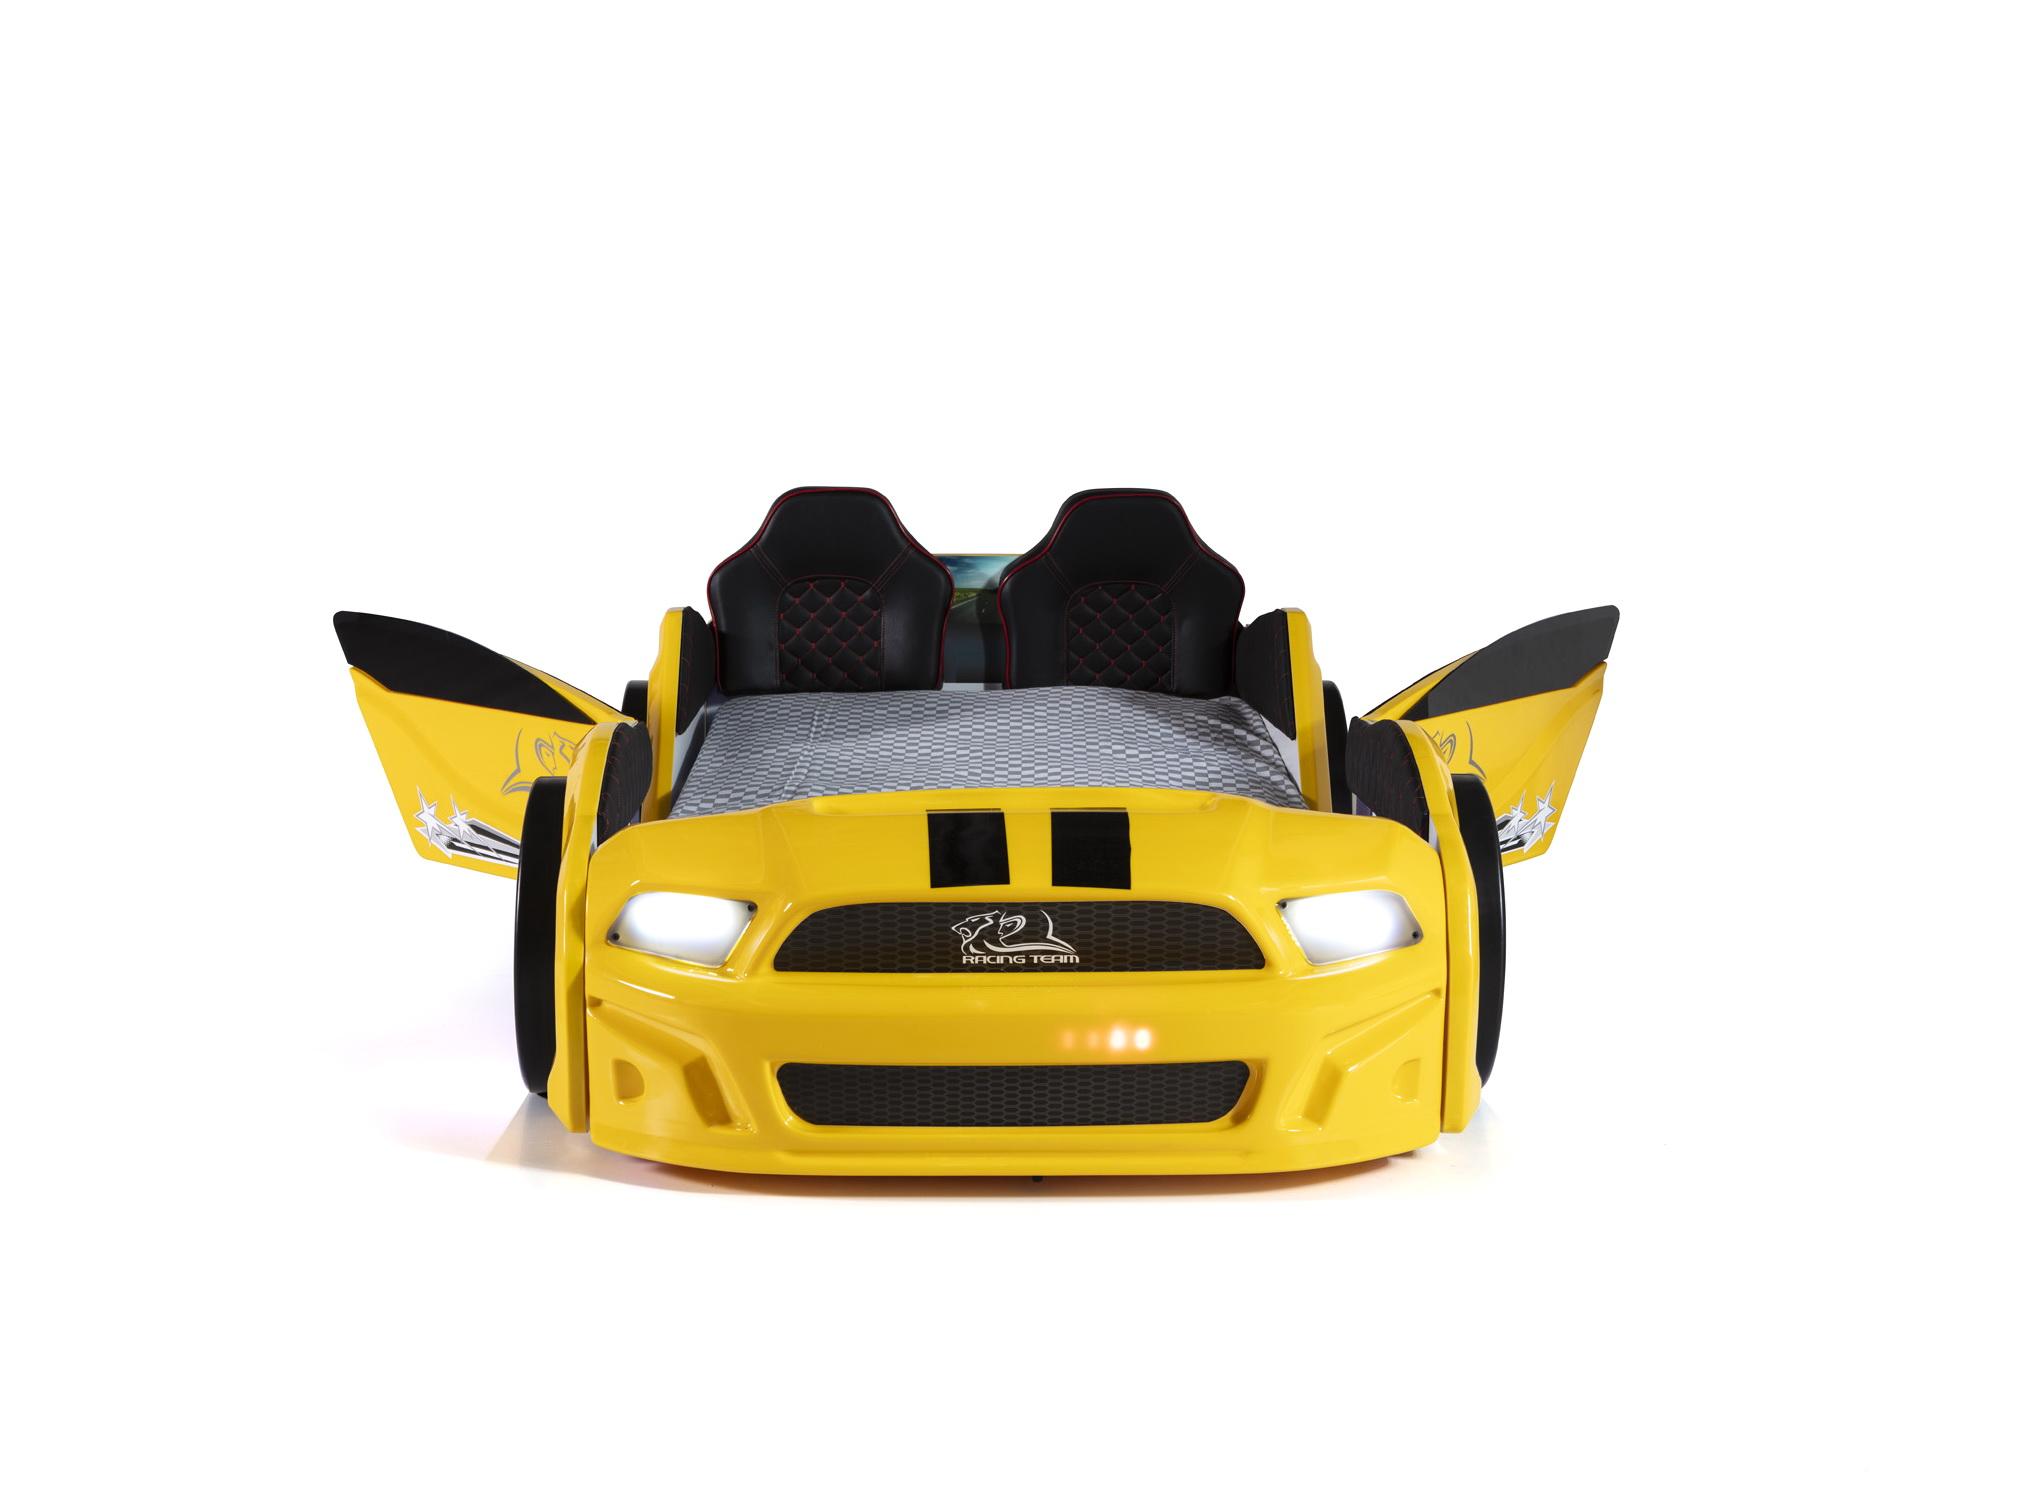 Autobett Must Rider 500 mit Türen in Gelb